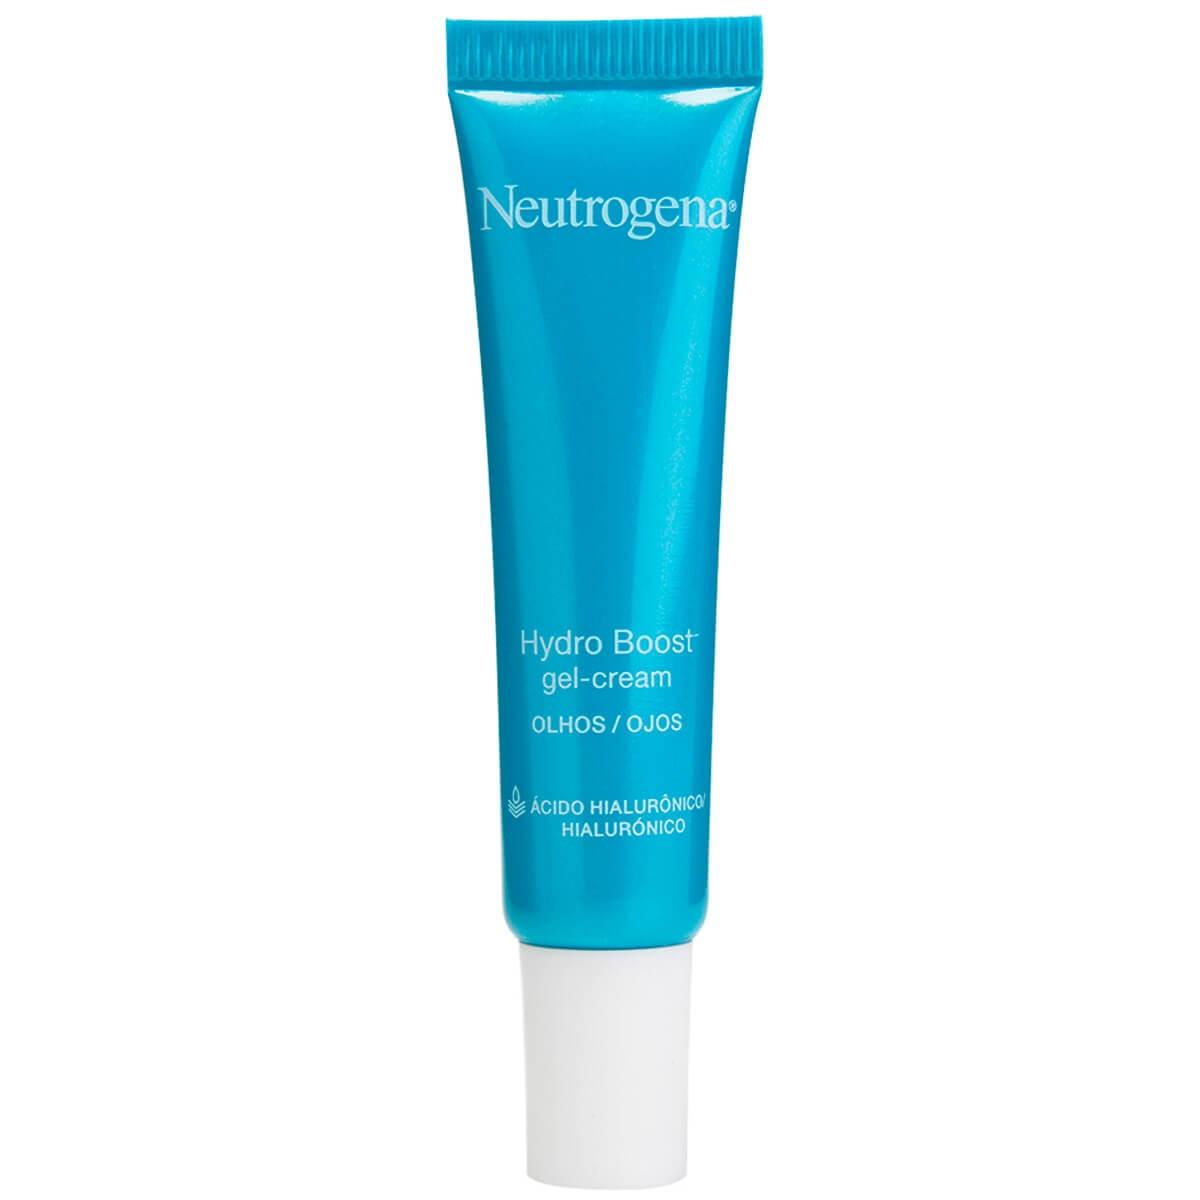 Gel Creme Hidratante para Área dos Olhos Neutrogena Hydro Boost com 15g 15g